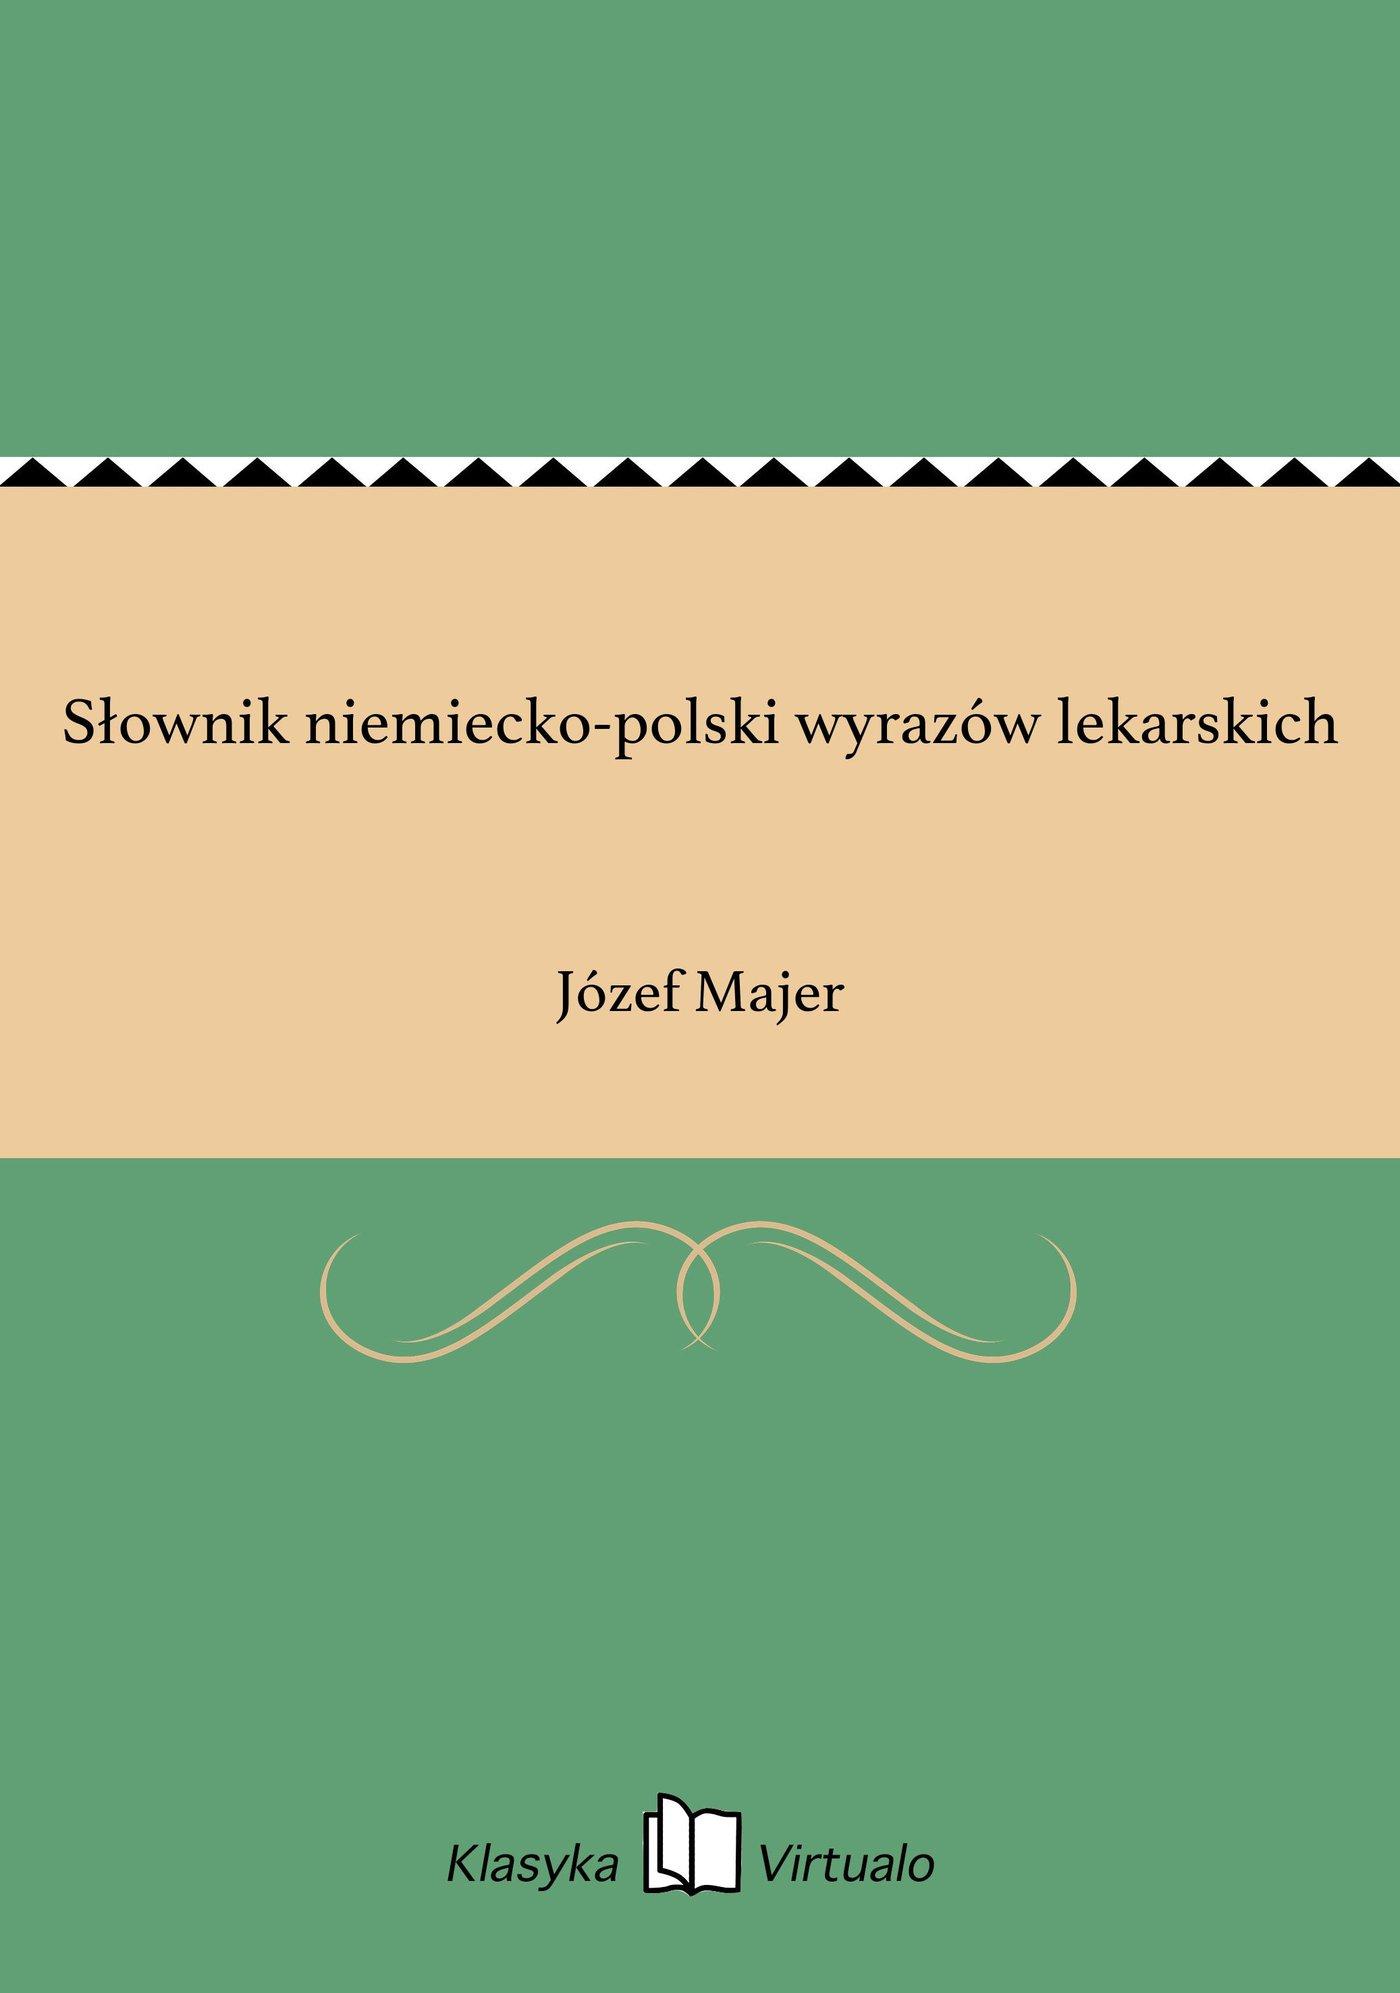 Słownik niemiecko-polski wyrazów lekarskich - Ebook (Książka EPUB) do pobrania w formacie EPUB